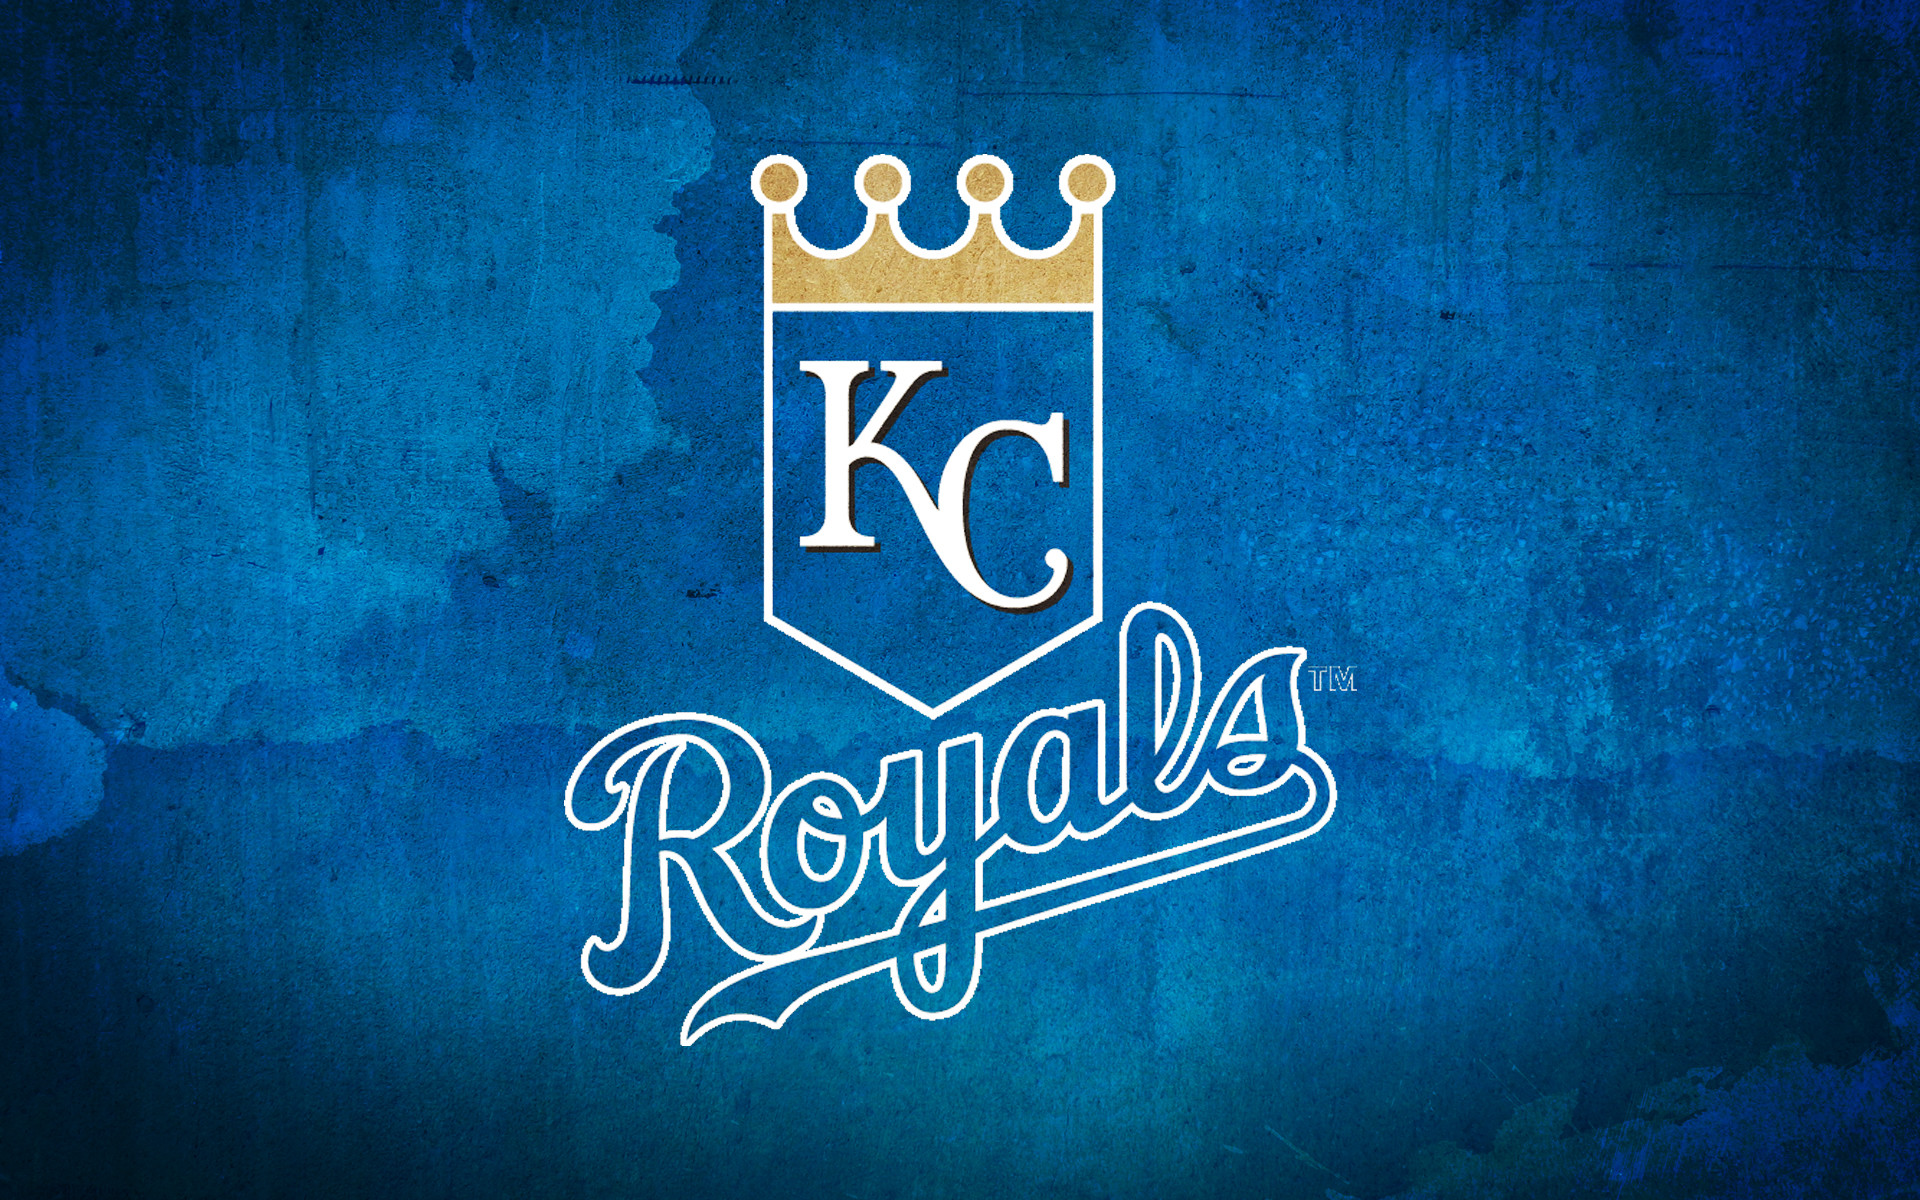 Kansas City Royals Backgrounds.